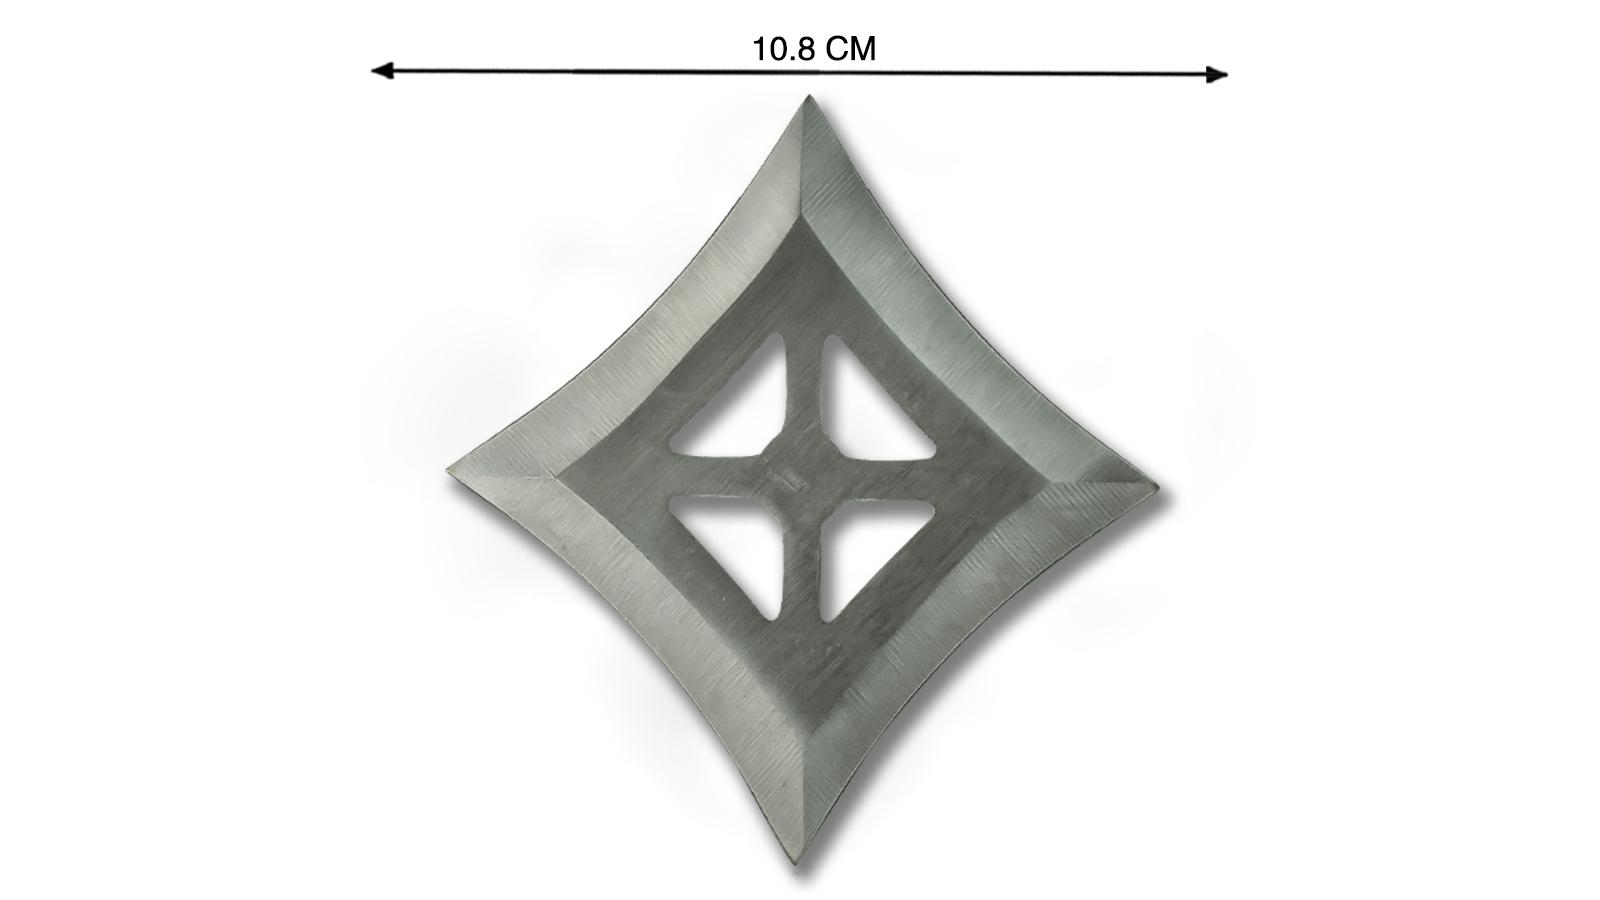 Купить квадратообразные сюрикены из стали